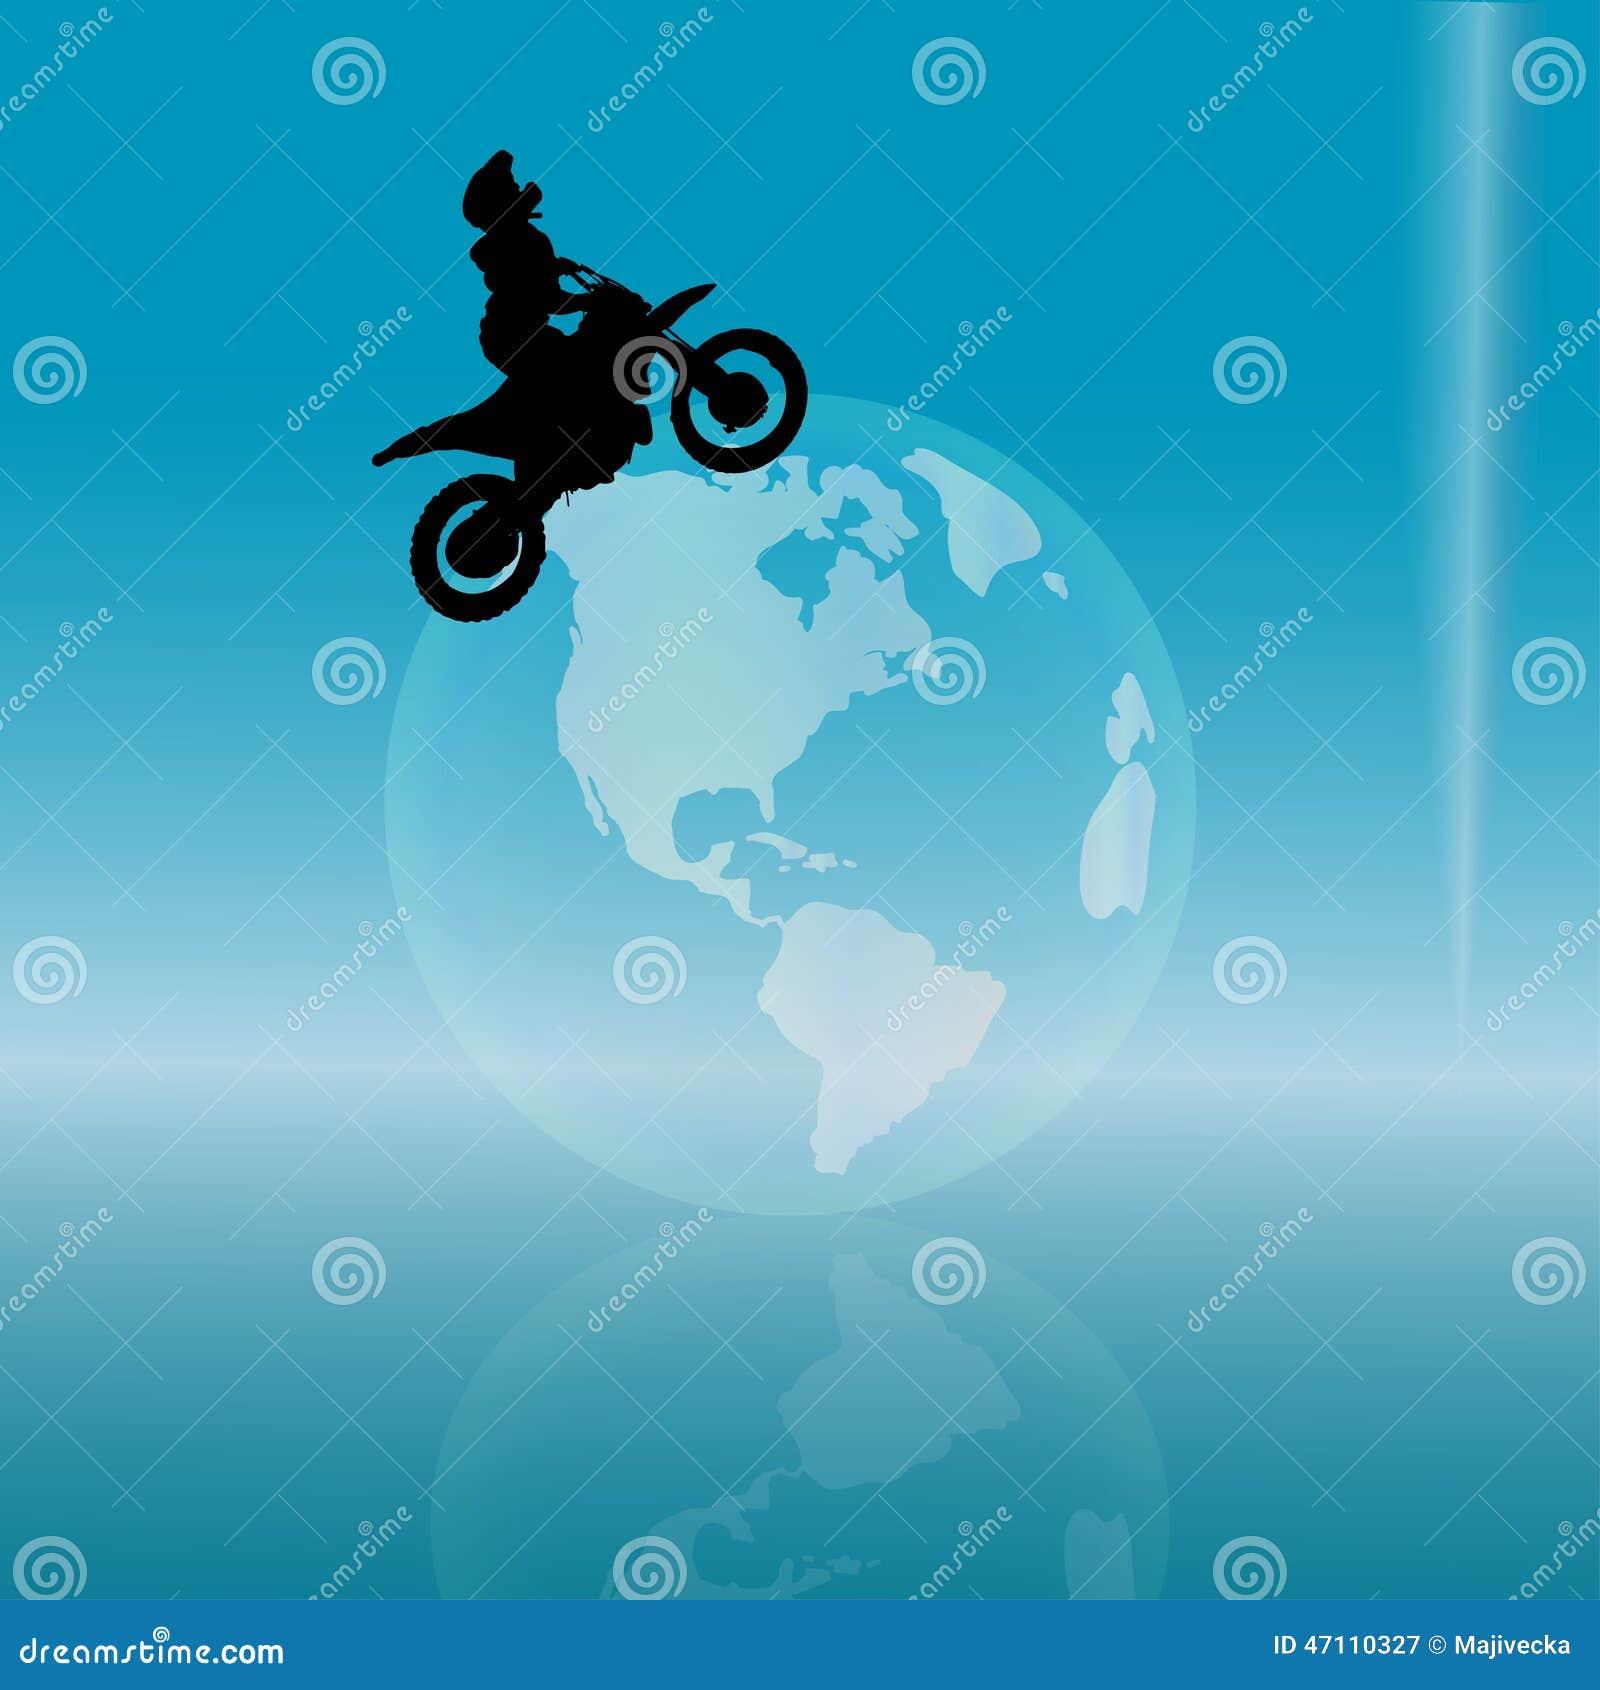 Διανυσματική σκιαγραφία ενός ποδηλάτη